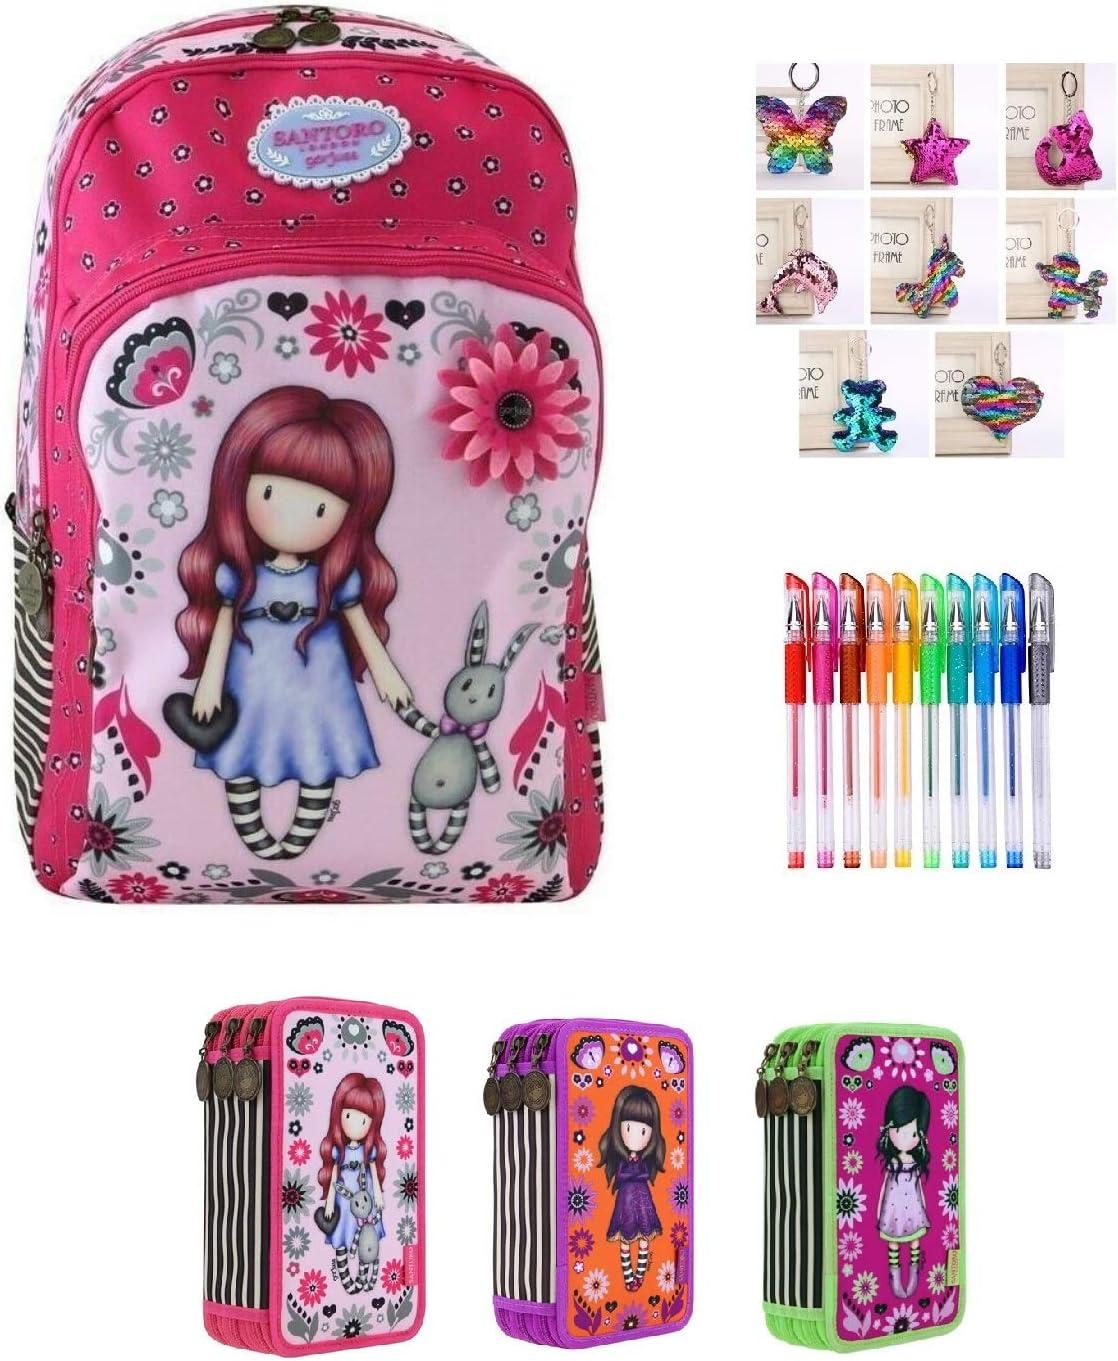 Mochila Escolar Santoro Gorjuss London My Gift To You + Estuche de 3 Pisos Completo + Llavero con Brillantina + Paquete de 10 bolígrafos con Purpurina: Amazon.es: Equipaje